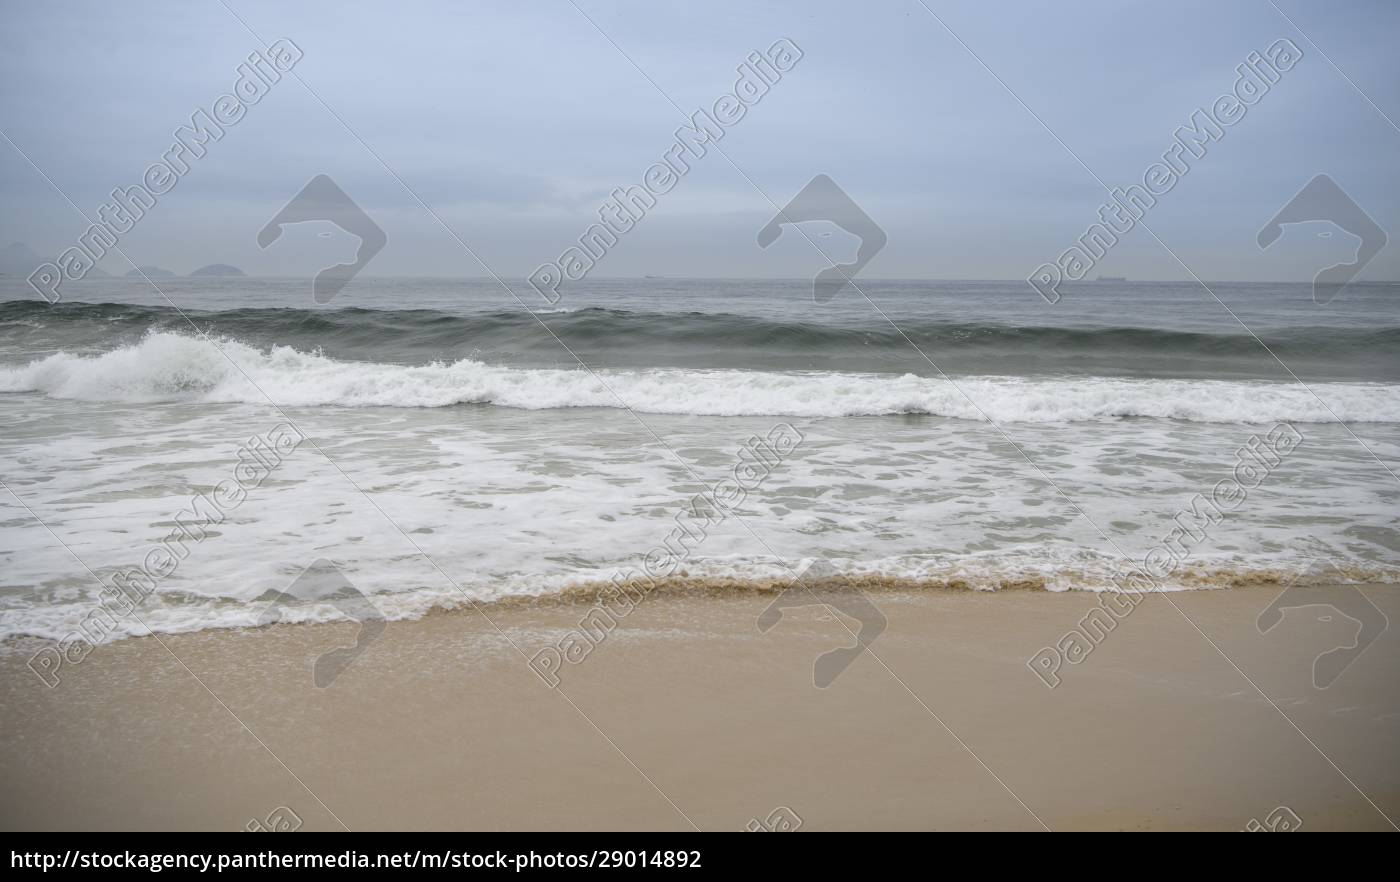 ocean, surf, on, the, beach, of - 29014892